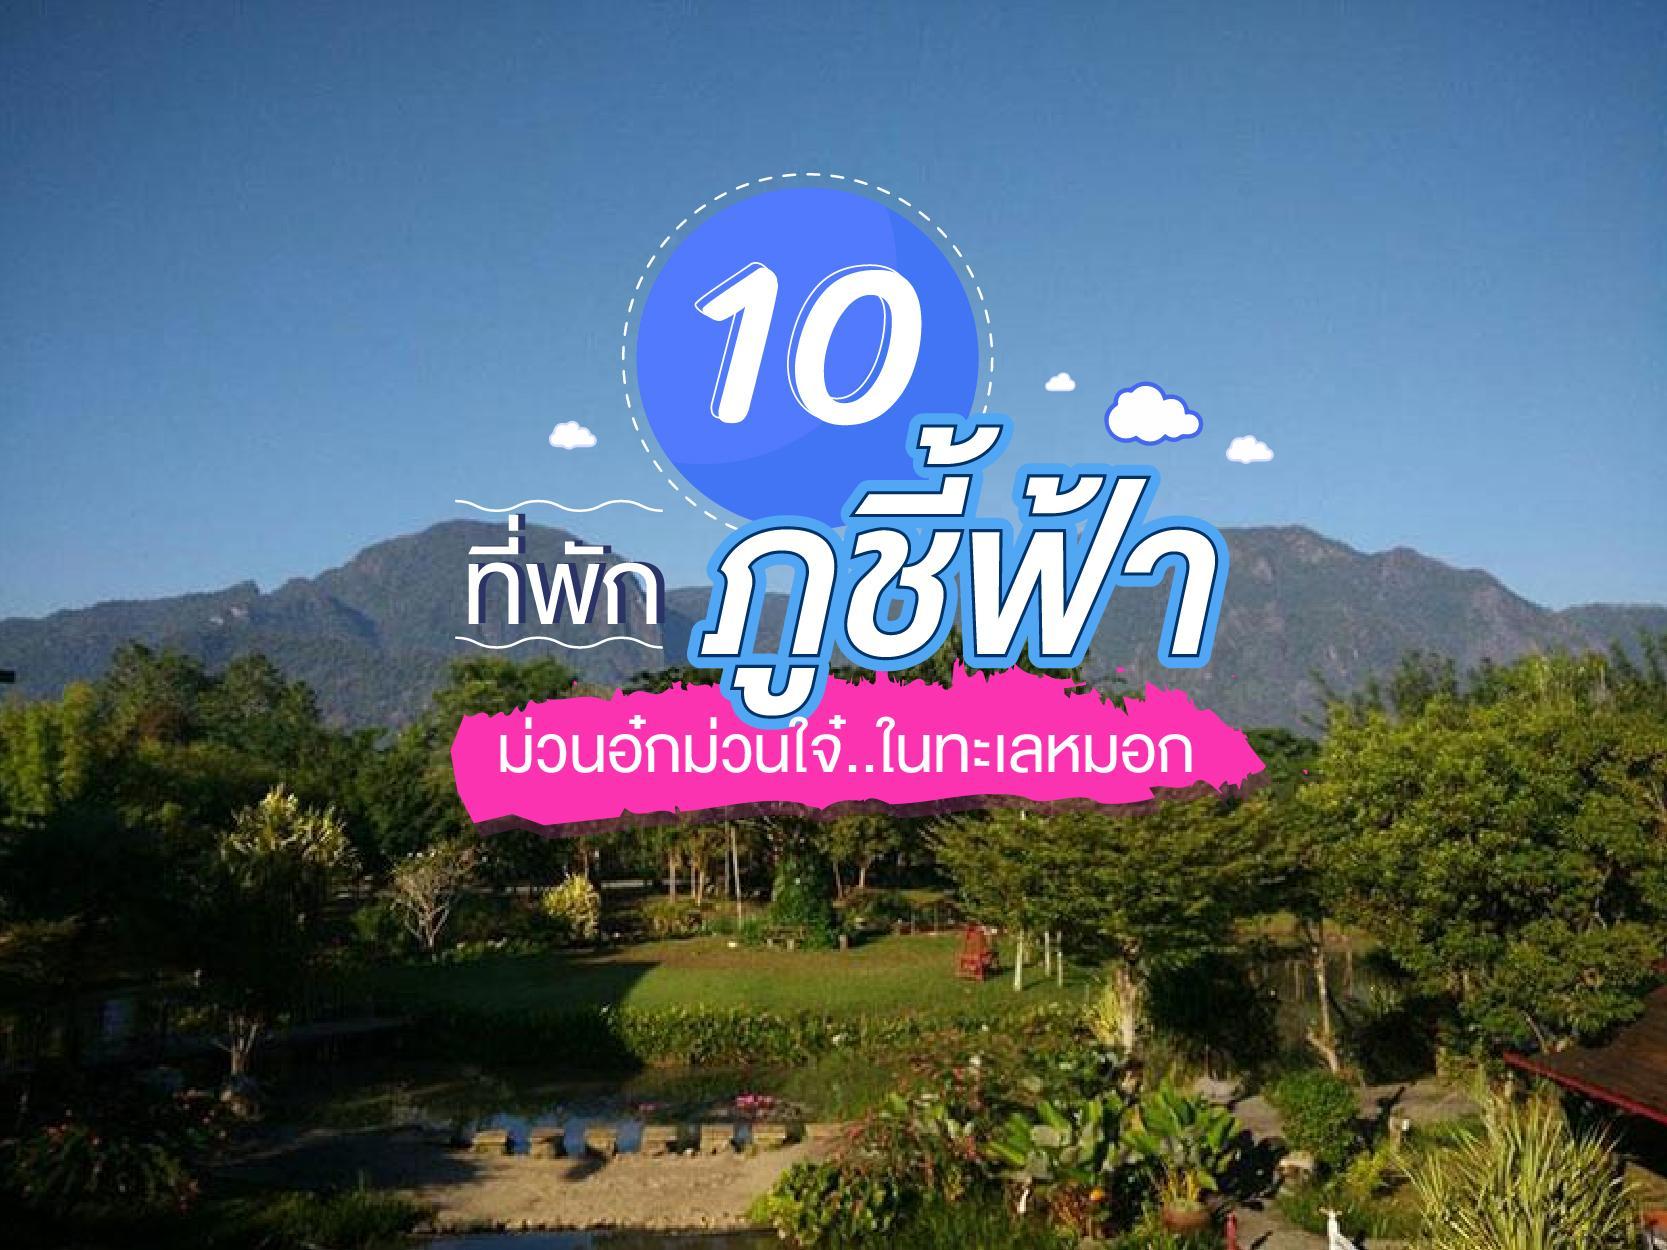 10 ที่พักภูชี้ฟ้า ม่วนอ๋กม่วนใจ๋ในทะเลหมอก